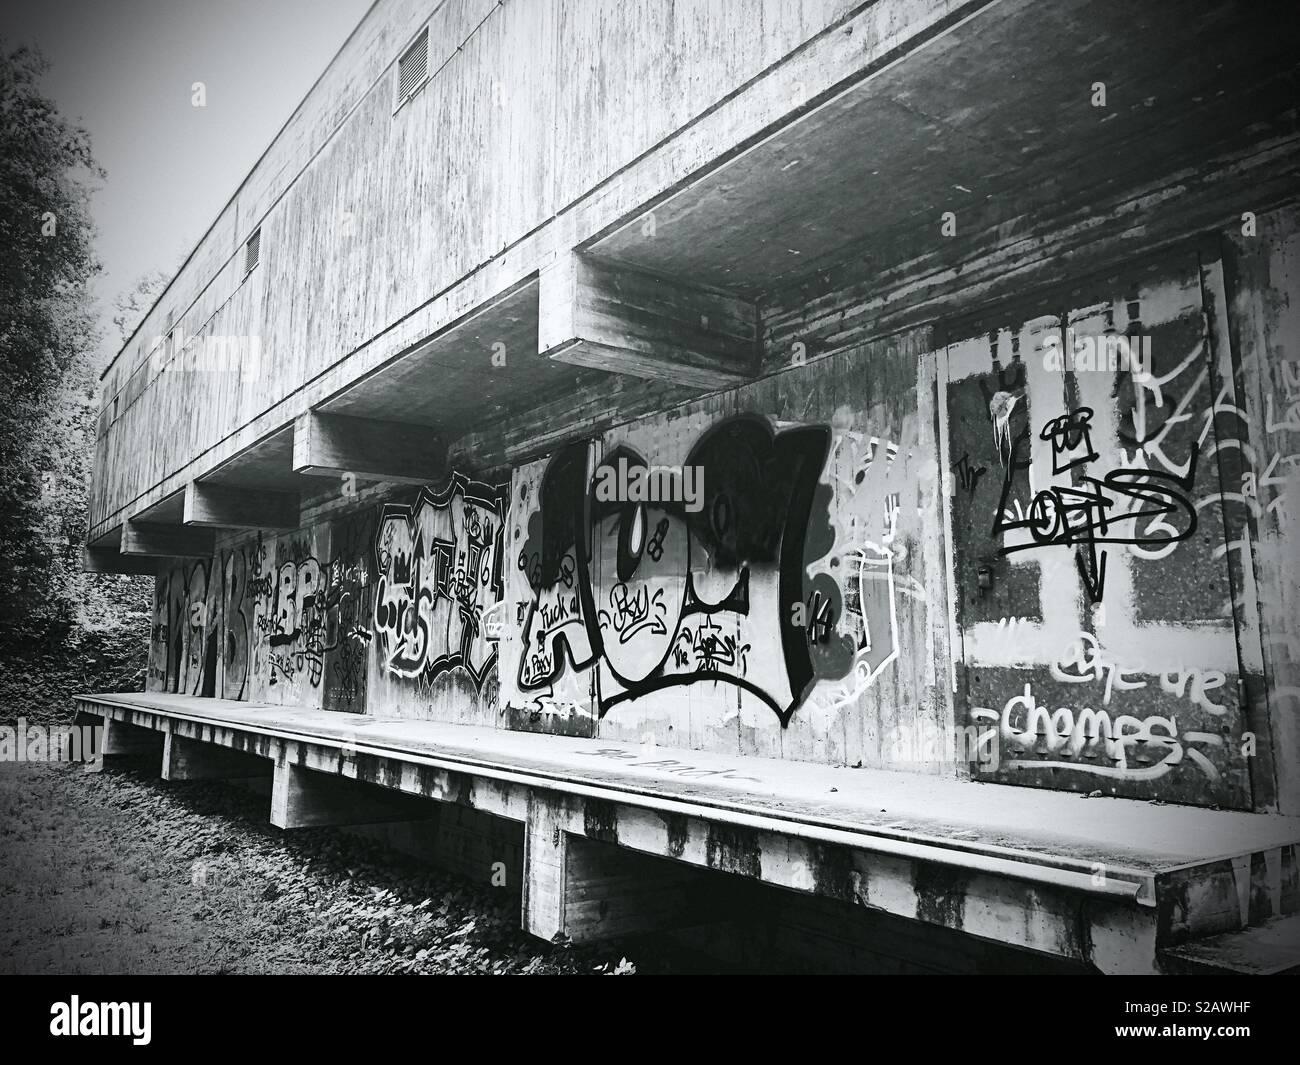 Graffiti sur le côté d'un bâtiment Photo Stock